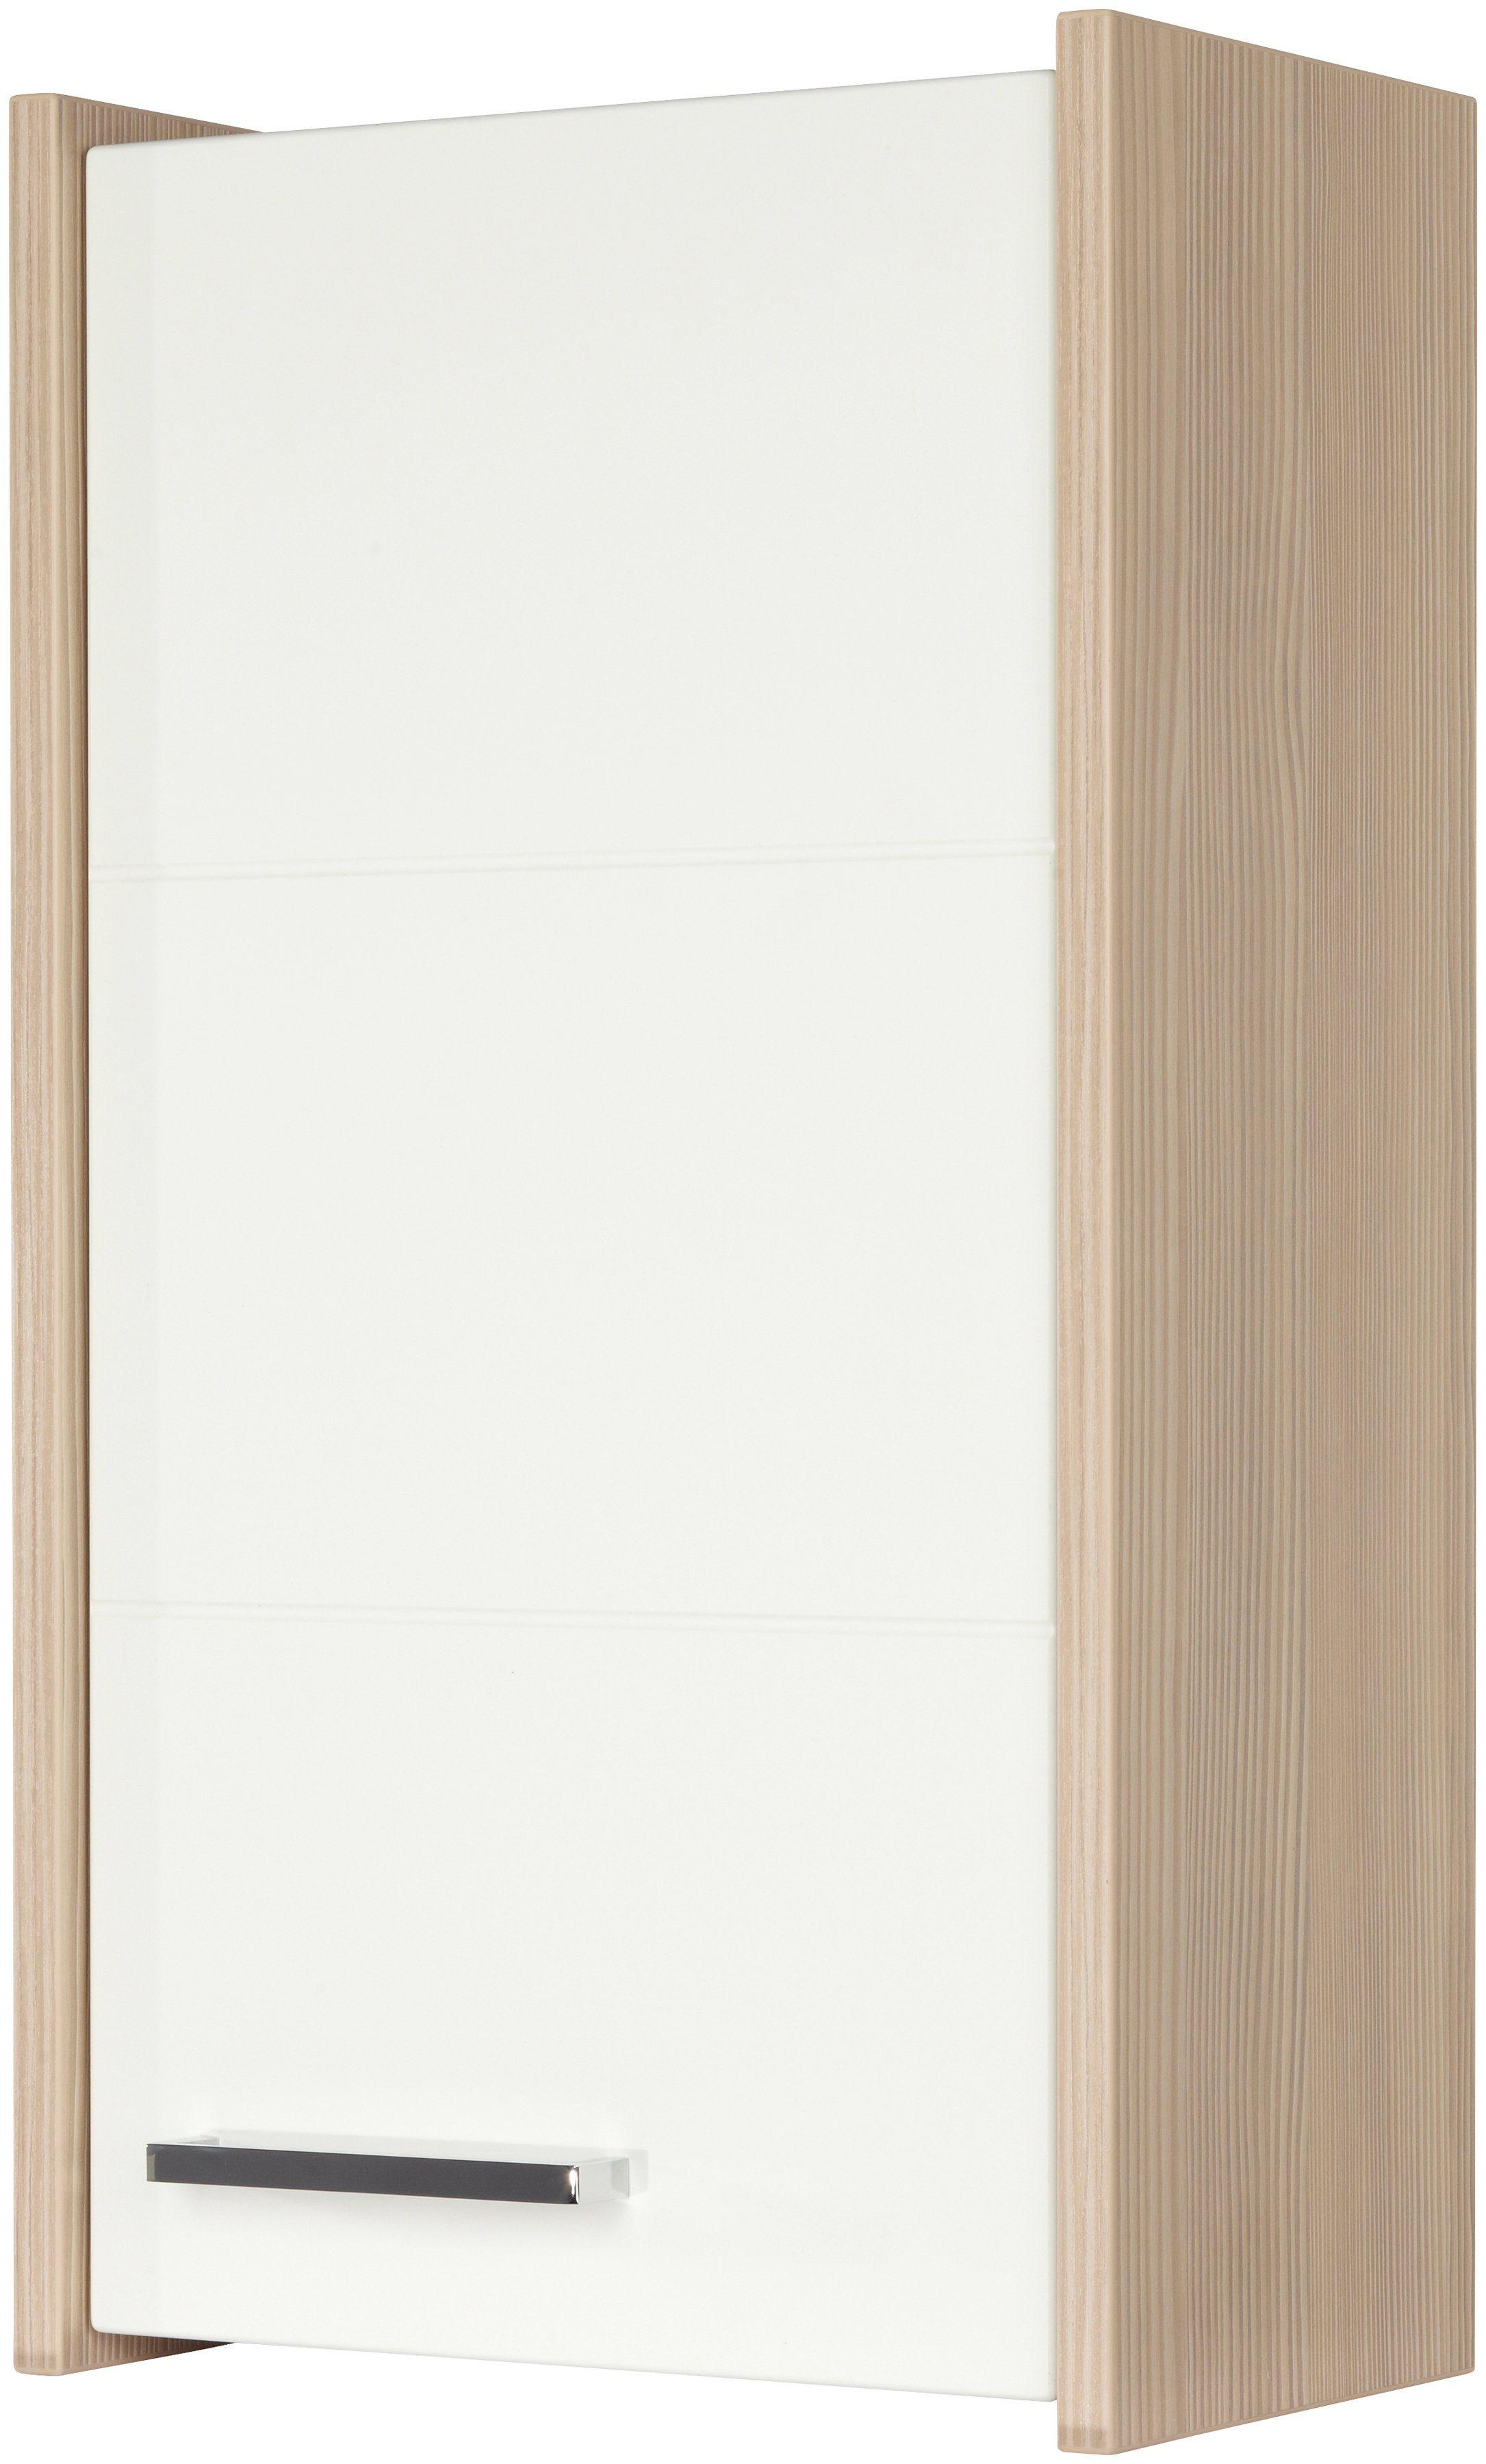 FACKELMANN Badhängeschrank »Kayo«, Breite 33,5 cm